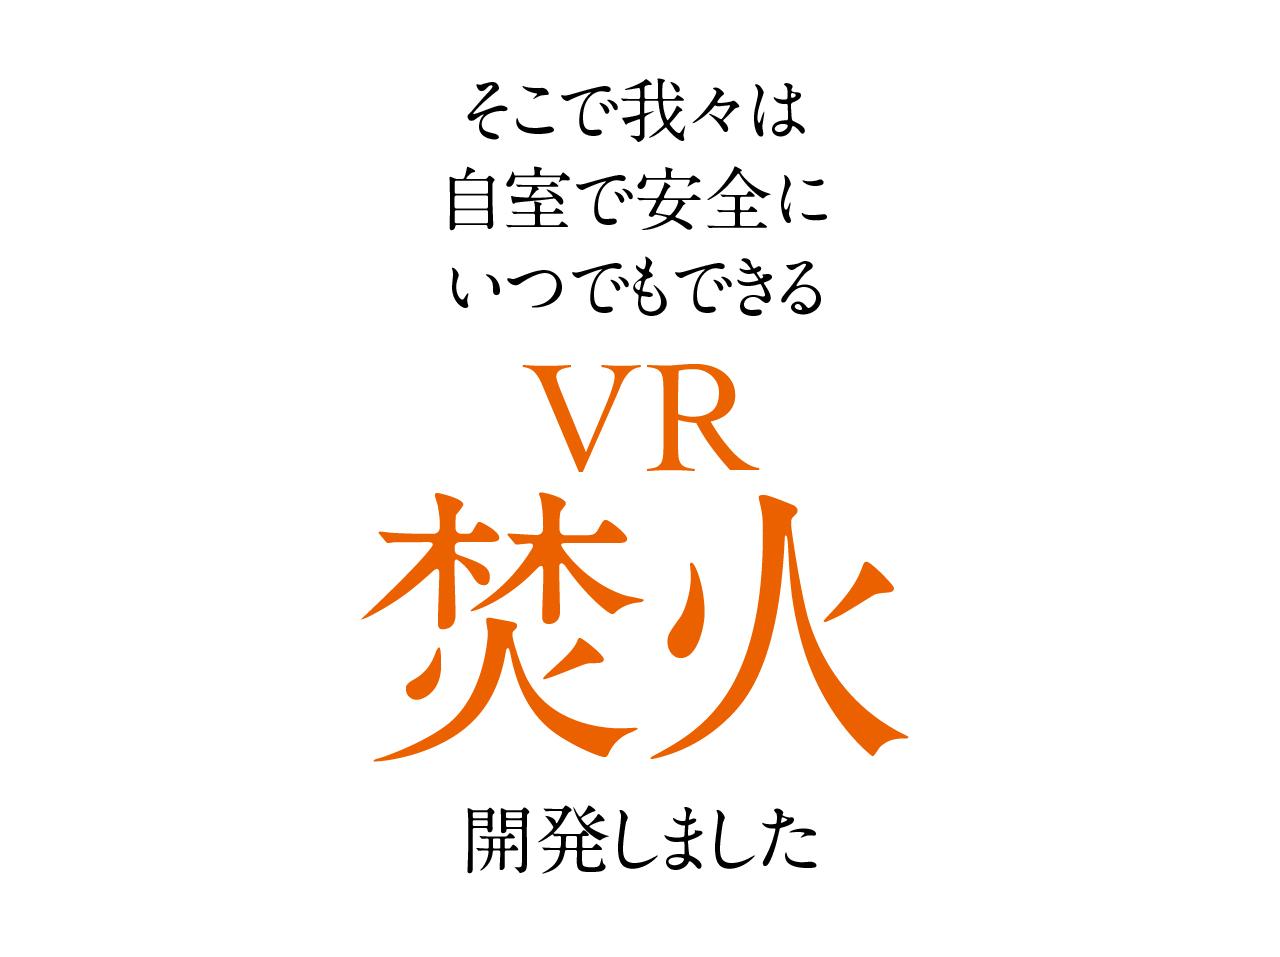 VR 焚火